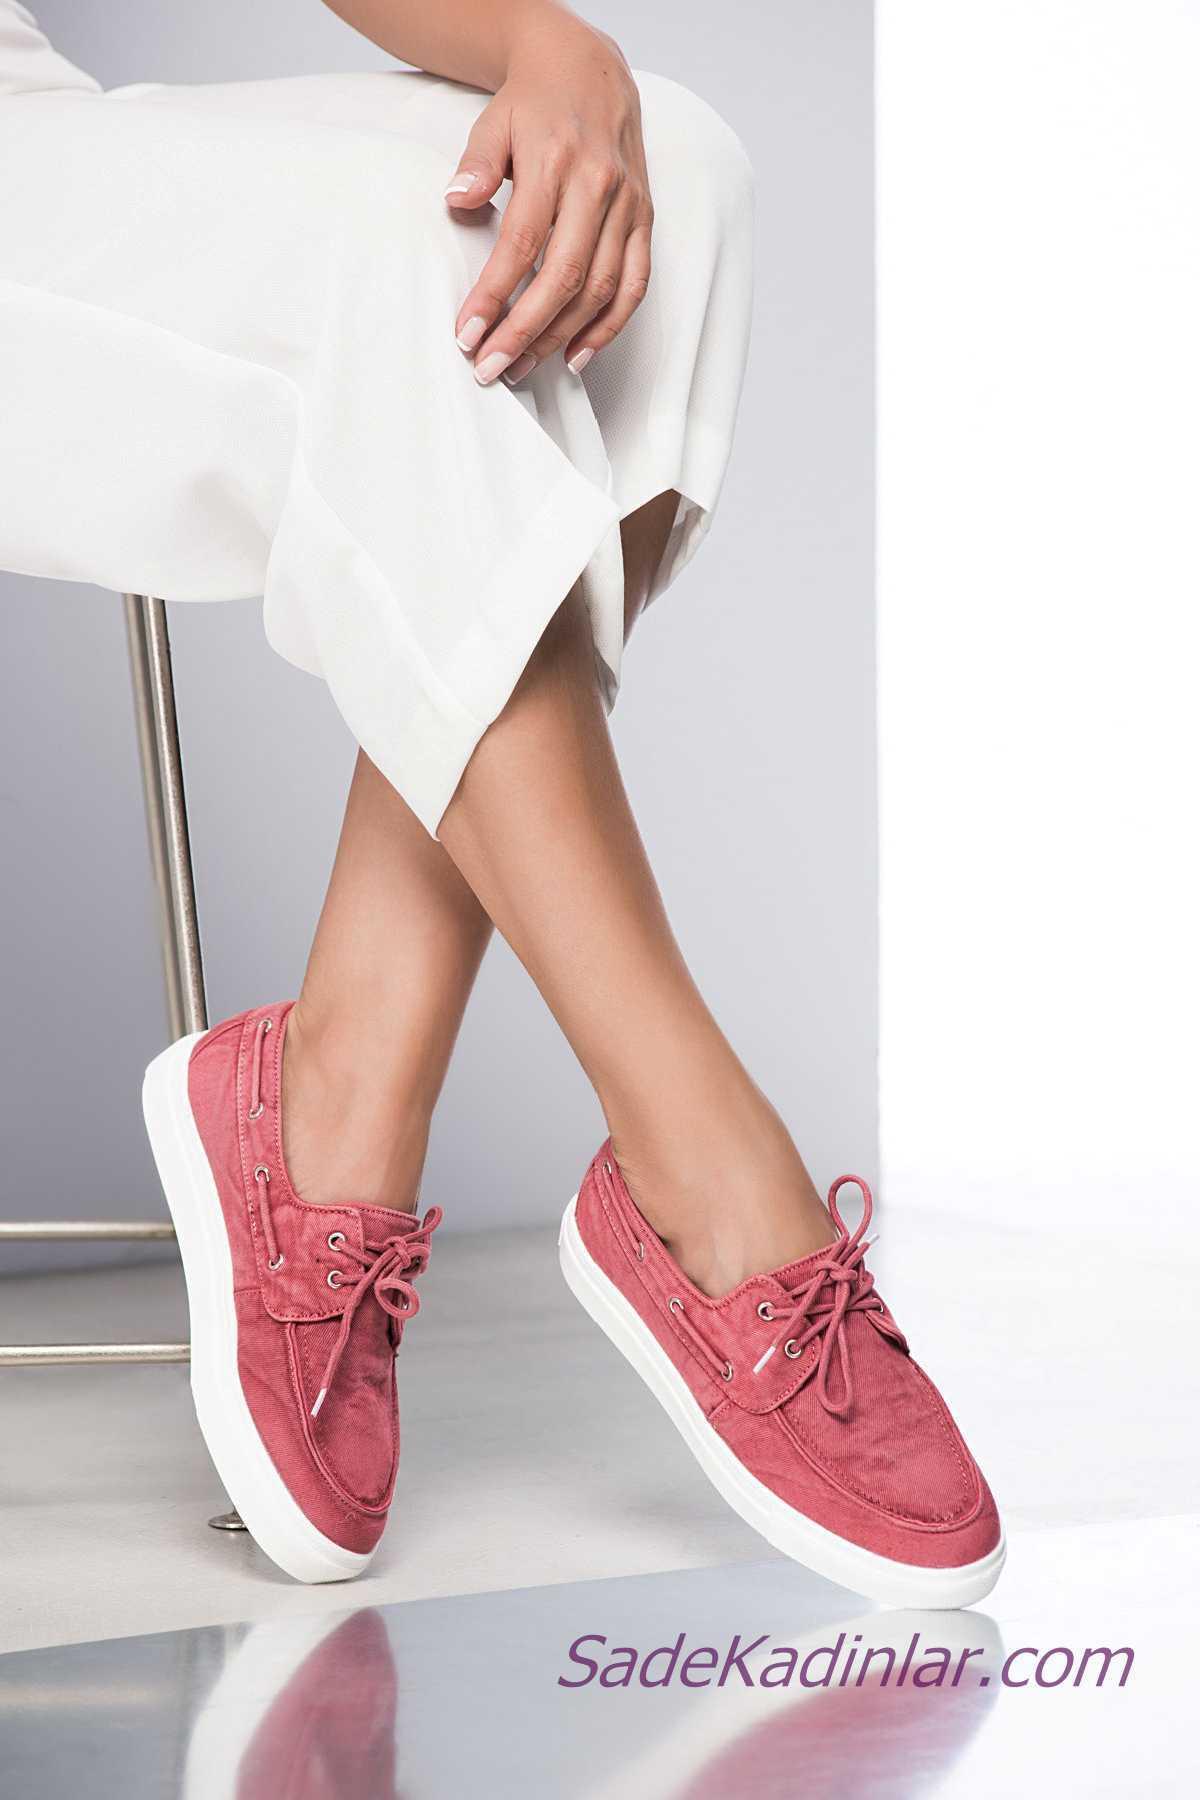 Sneakers Bayan Spor Ayakkabı Modelleri Pembe Deri Bağcıklı Yandan İpli